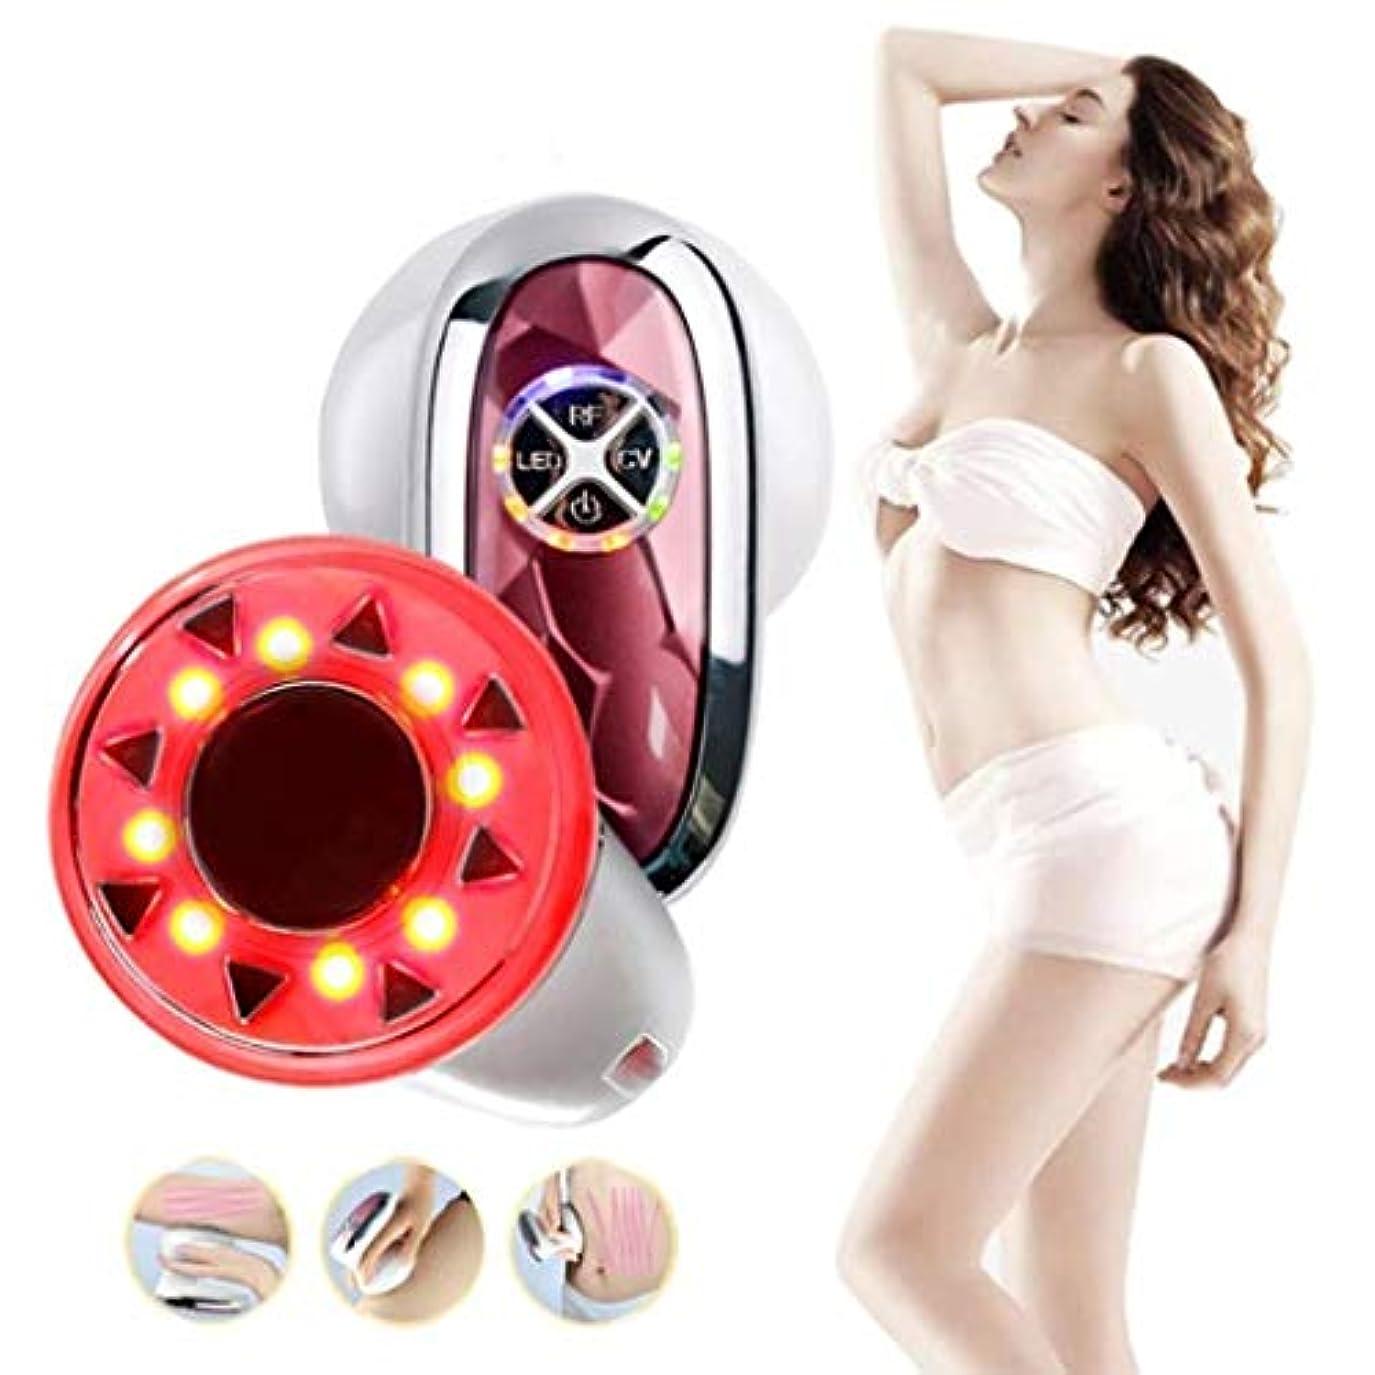 団結する薄いチャンピオンシップ電気減量機、4-1 - ラジオ周波数マッサージ器、体の腹部、腰、脚、お尻、ボディマッサージ器、スキンケア機器